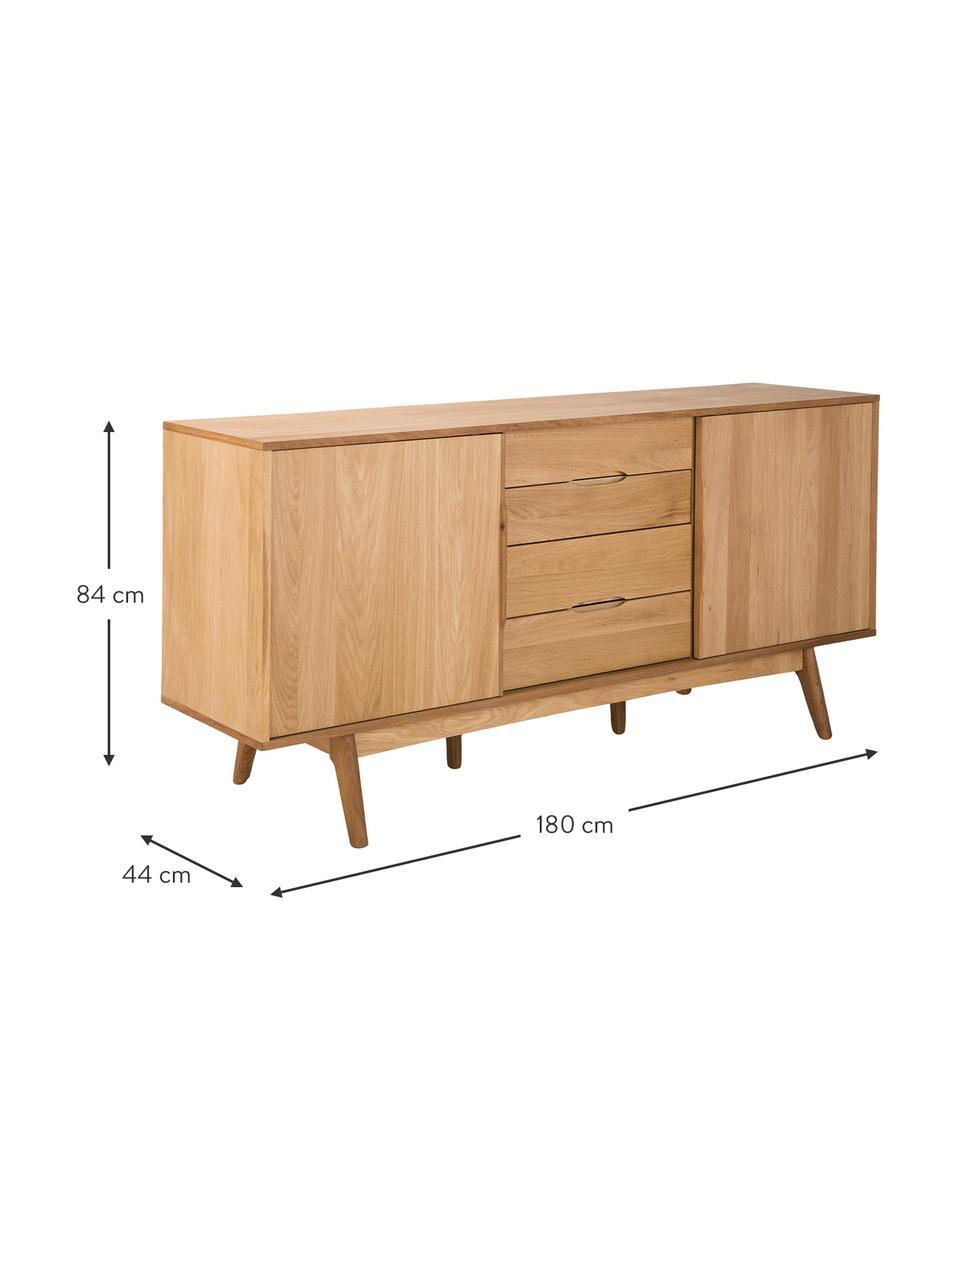 Sideboard Bettina mit Schubladen und Eichenholzfurnier, Korpus: Mitteldichte Holzfaserpla, Füße: Eiche massiv, geölt, Braun, 180 x 84 cm